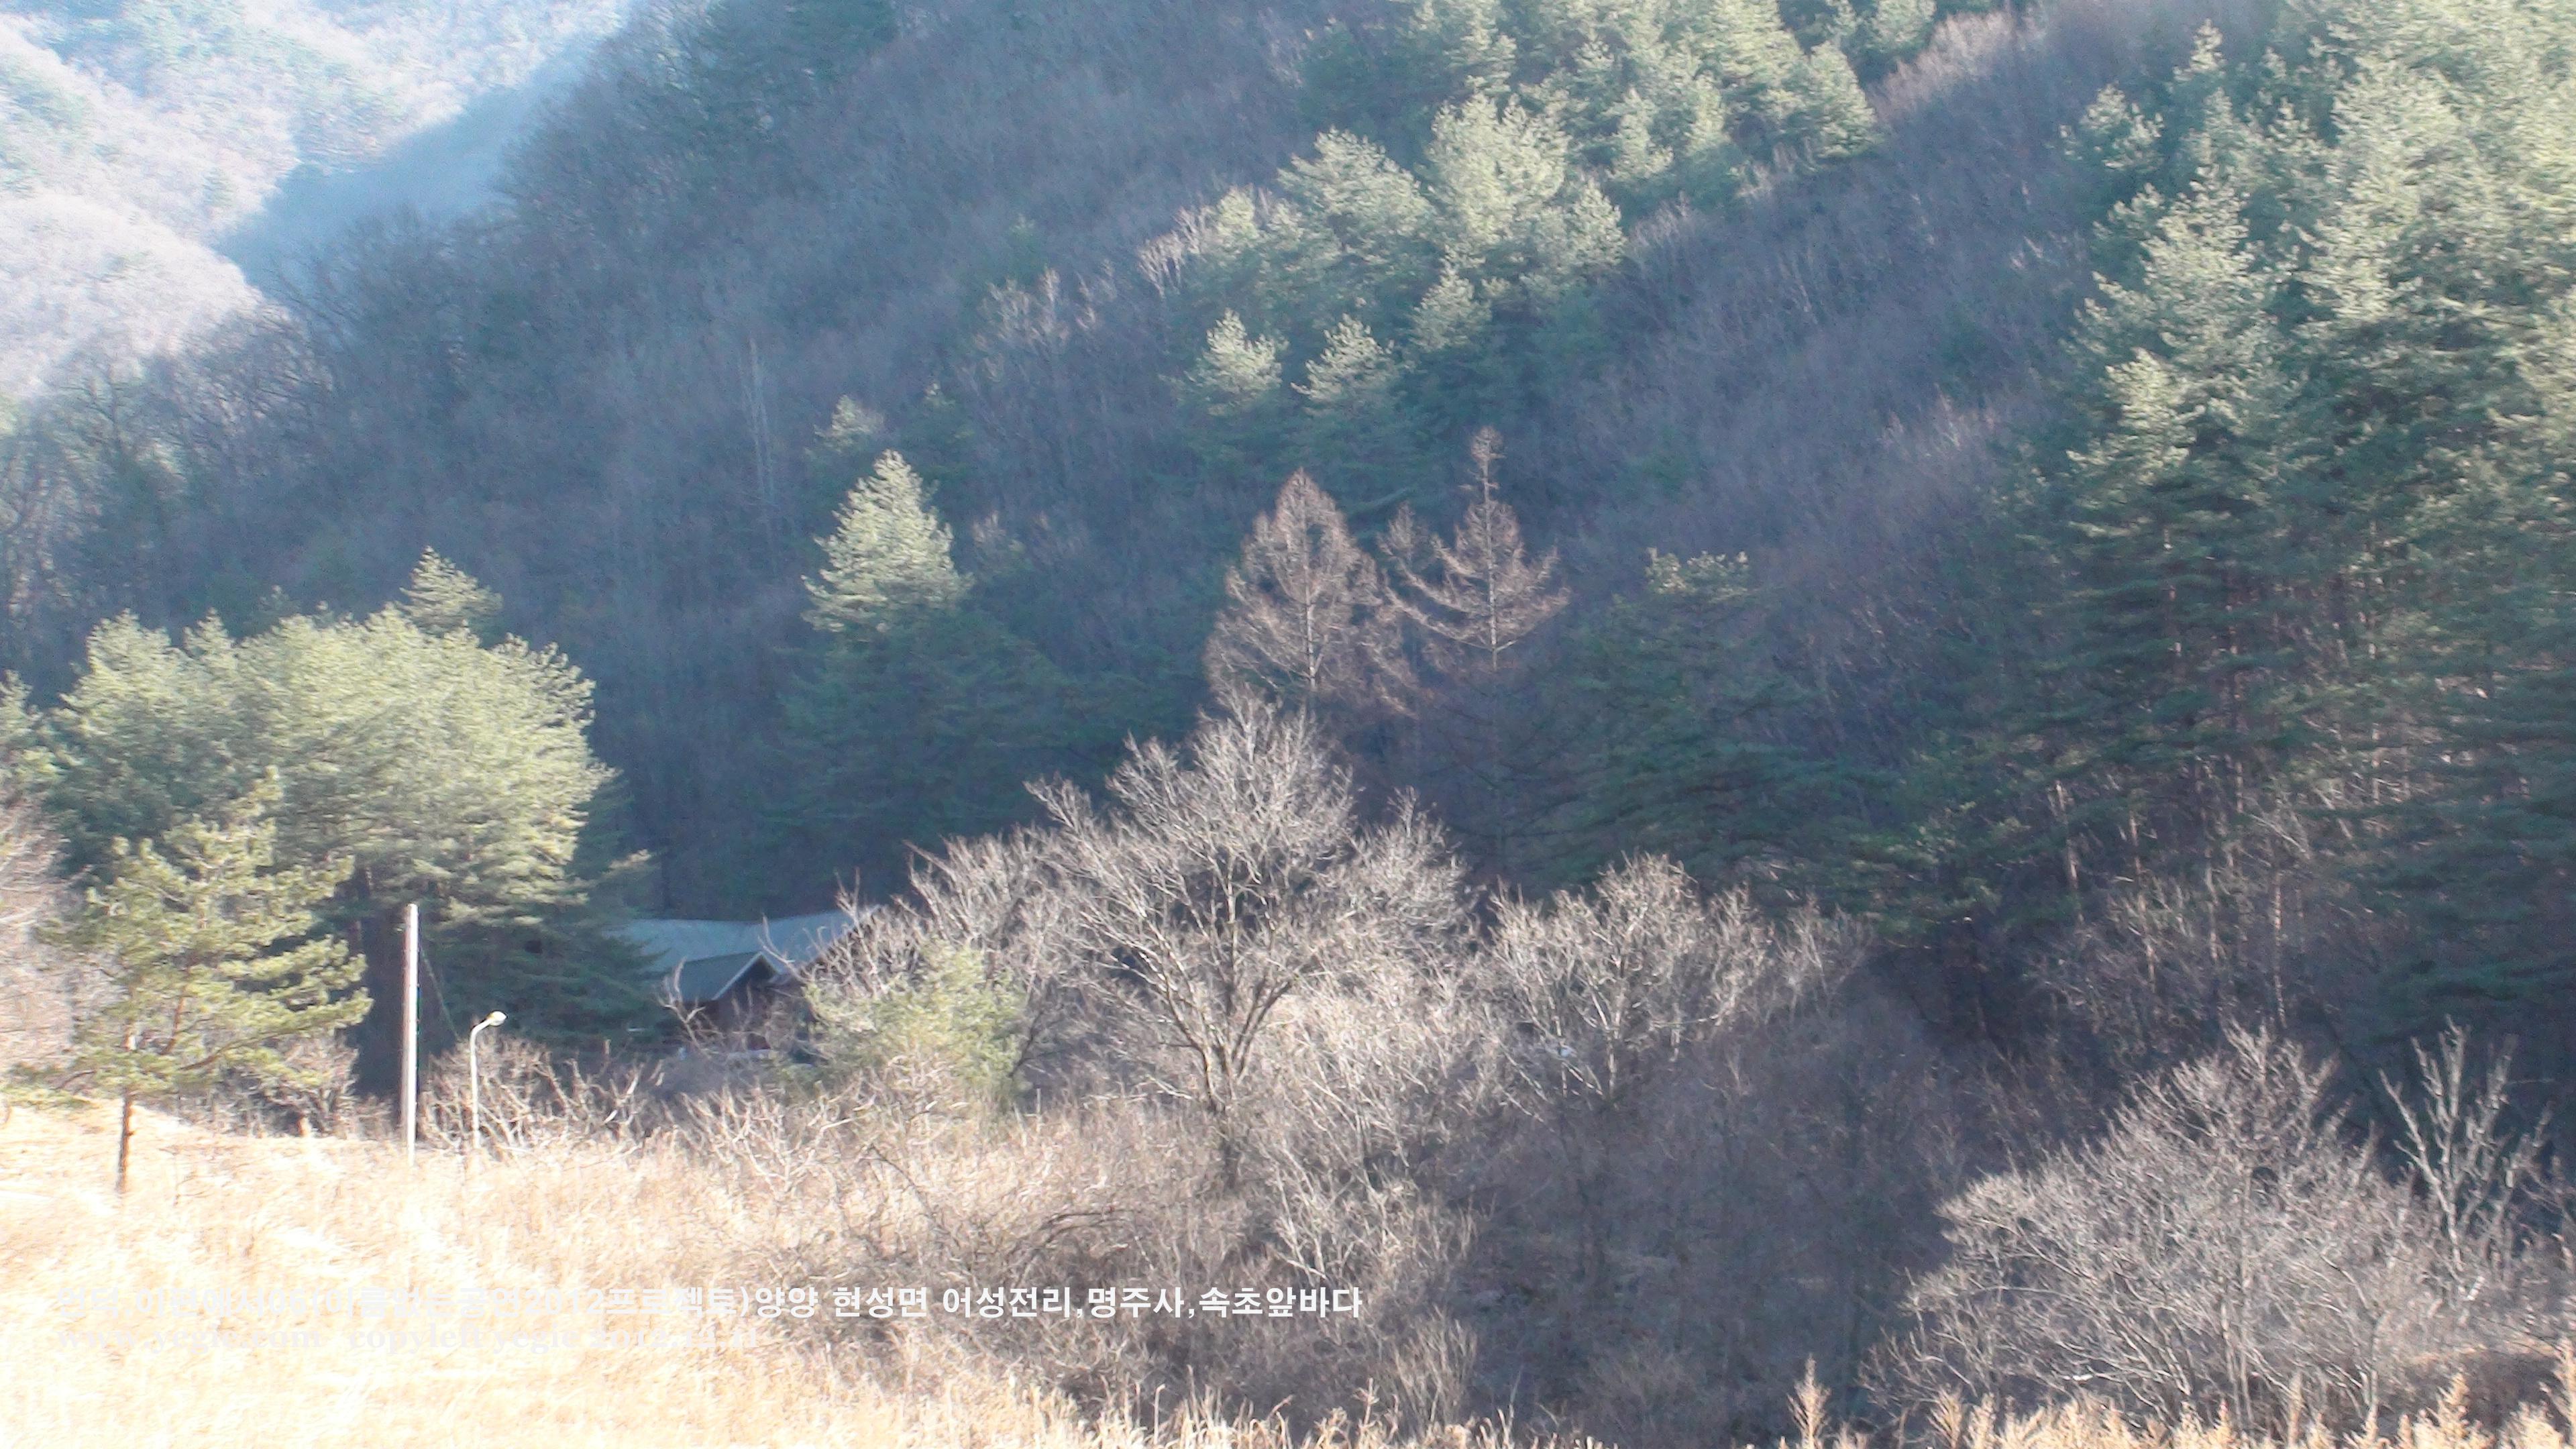 언덕,이 편에서06(이름없는공연2012프로젝트)양양명주사,동해바다